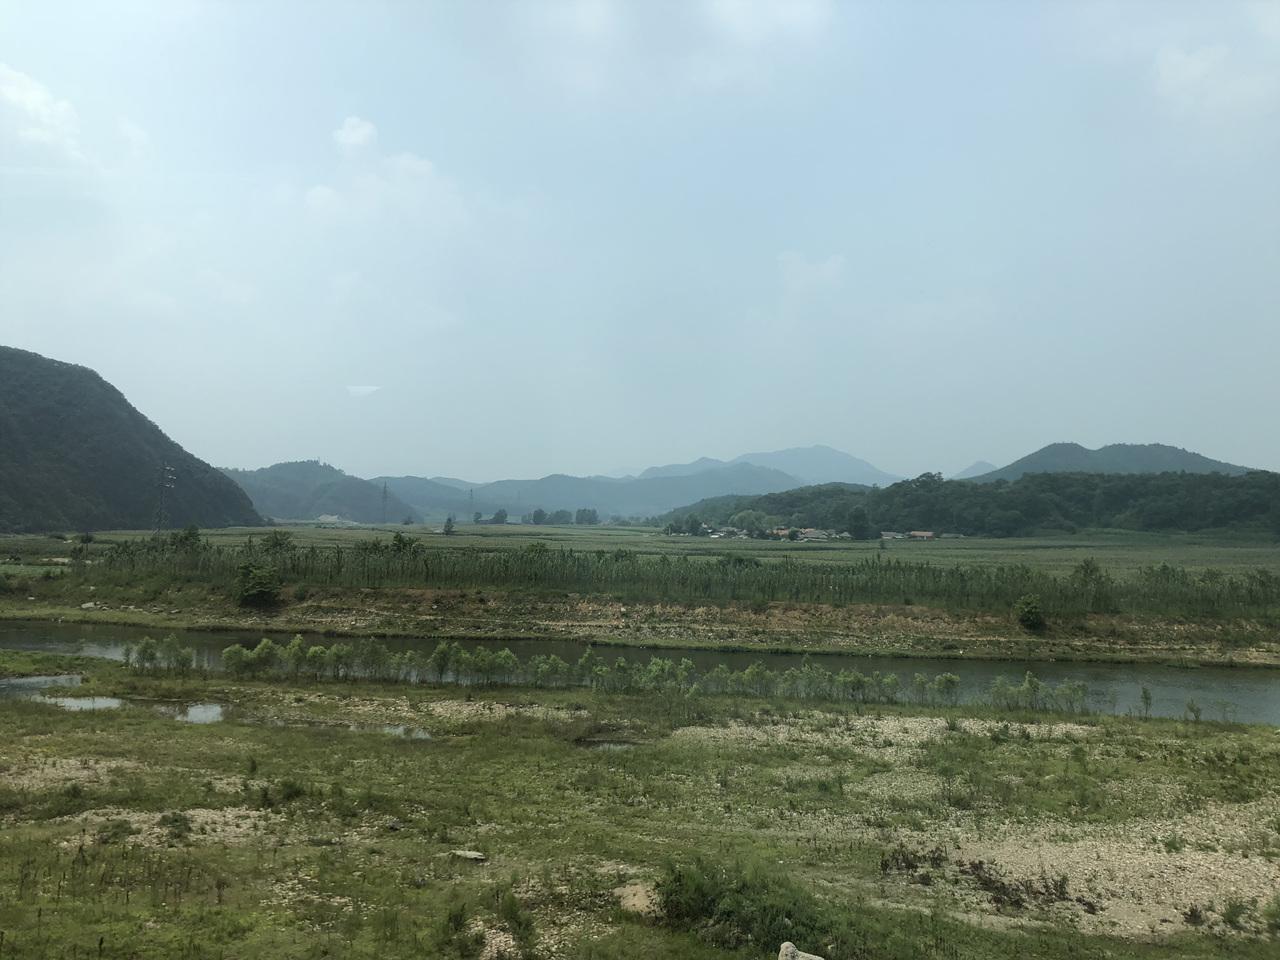 버스에서 본 풍경 심양에서 단동으로 가는 버스에서 본 풍경. 옥수수 밭이 계속되고 있다.